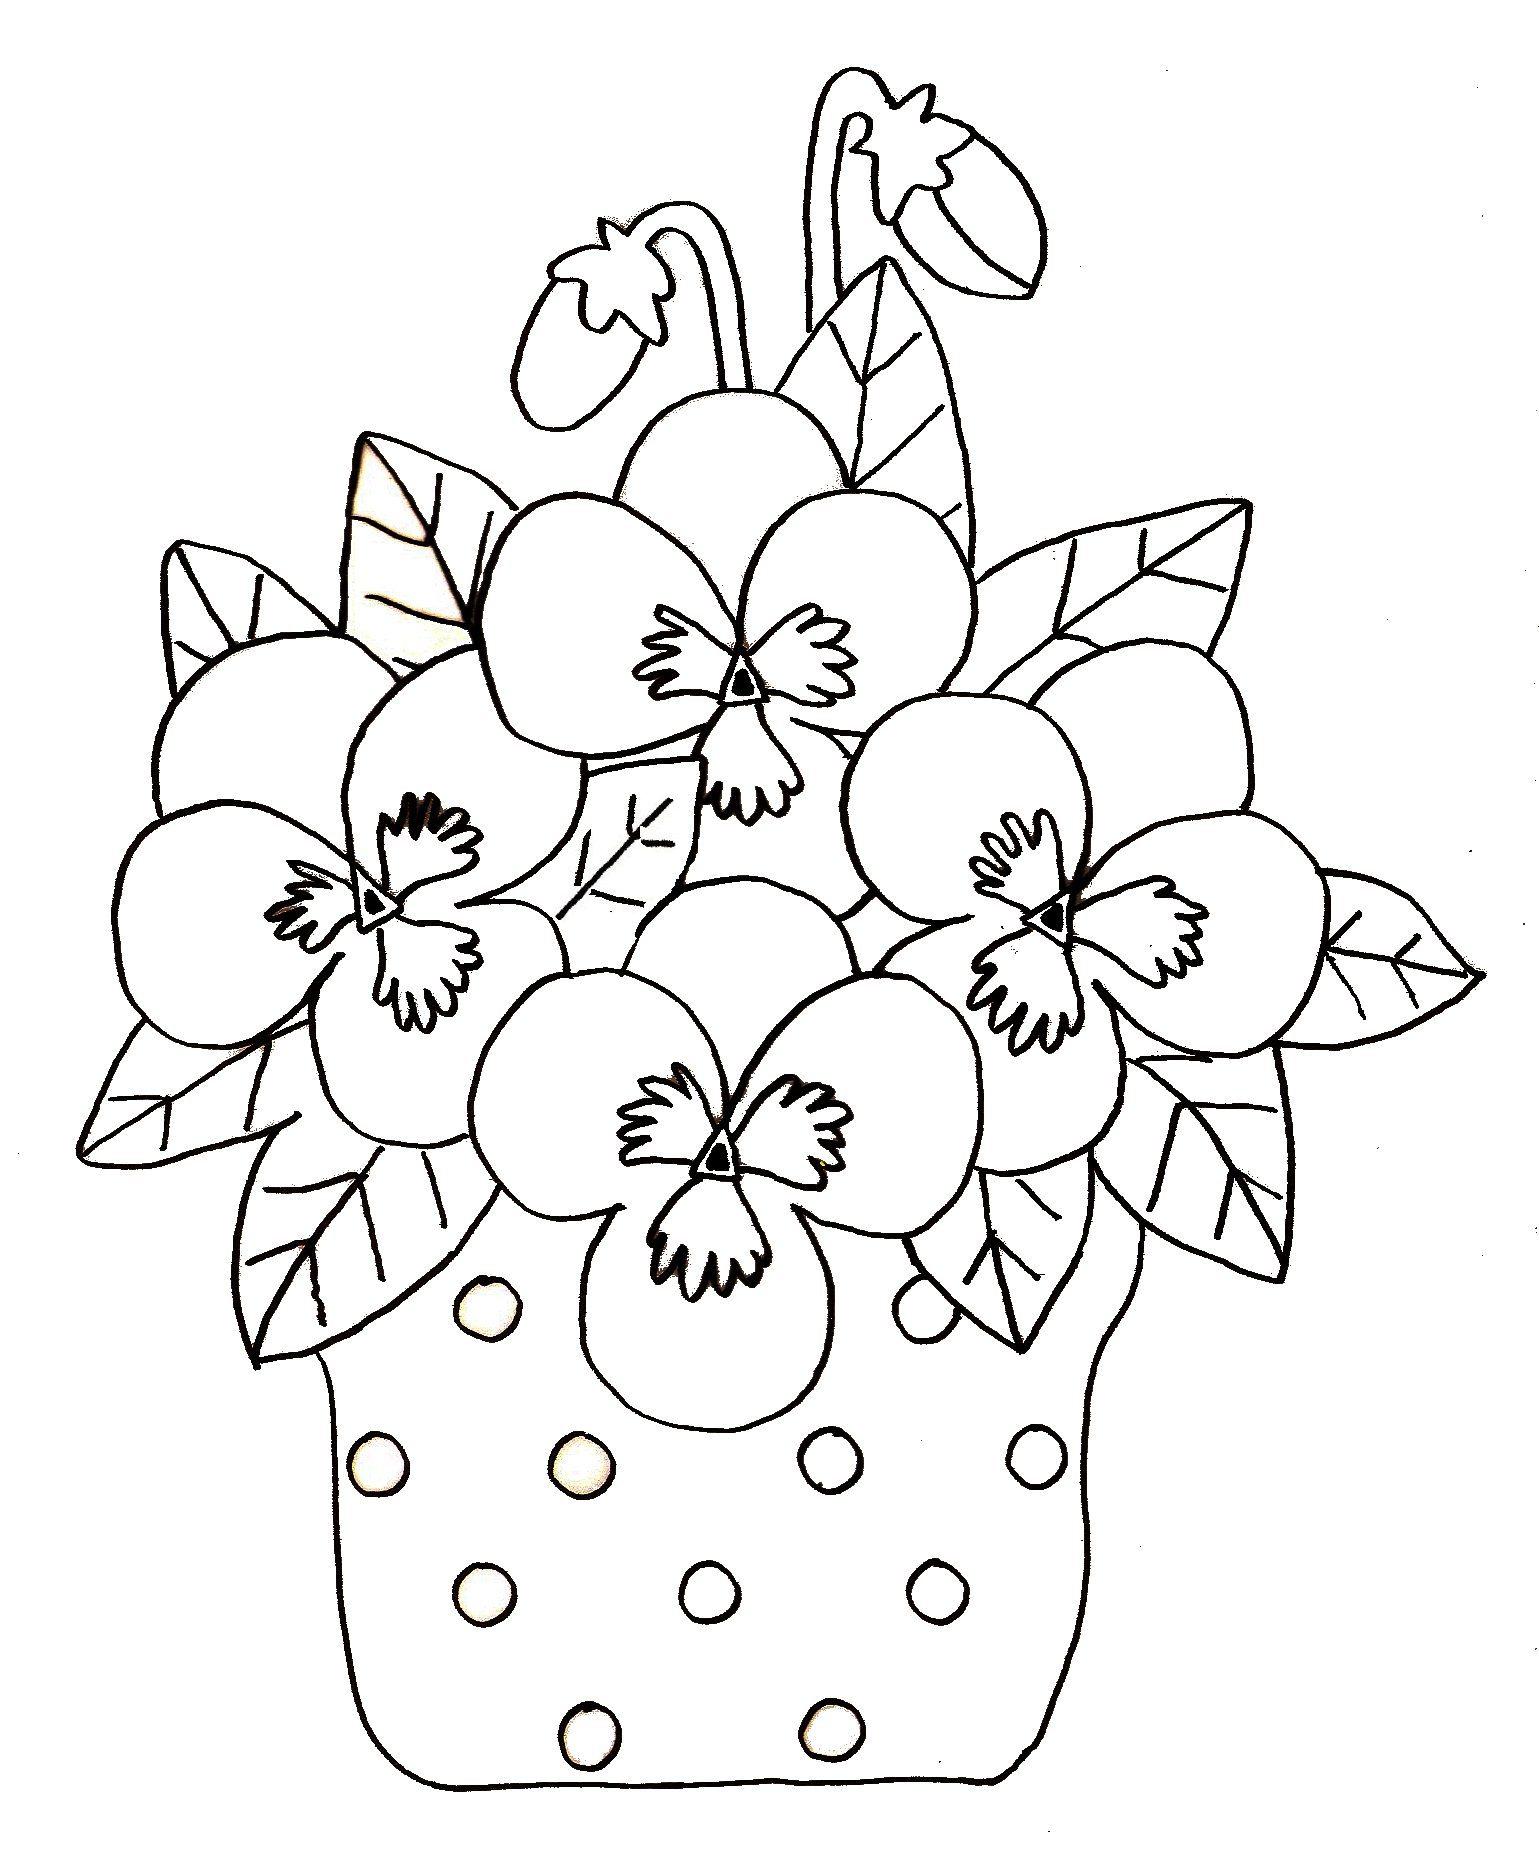 98 Dessins De Coloriage Printemps Fleurs À Imprimer avec Coloriage Bouquet De Fleurs A Imprimer